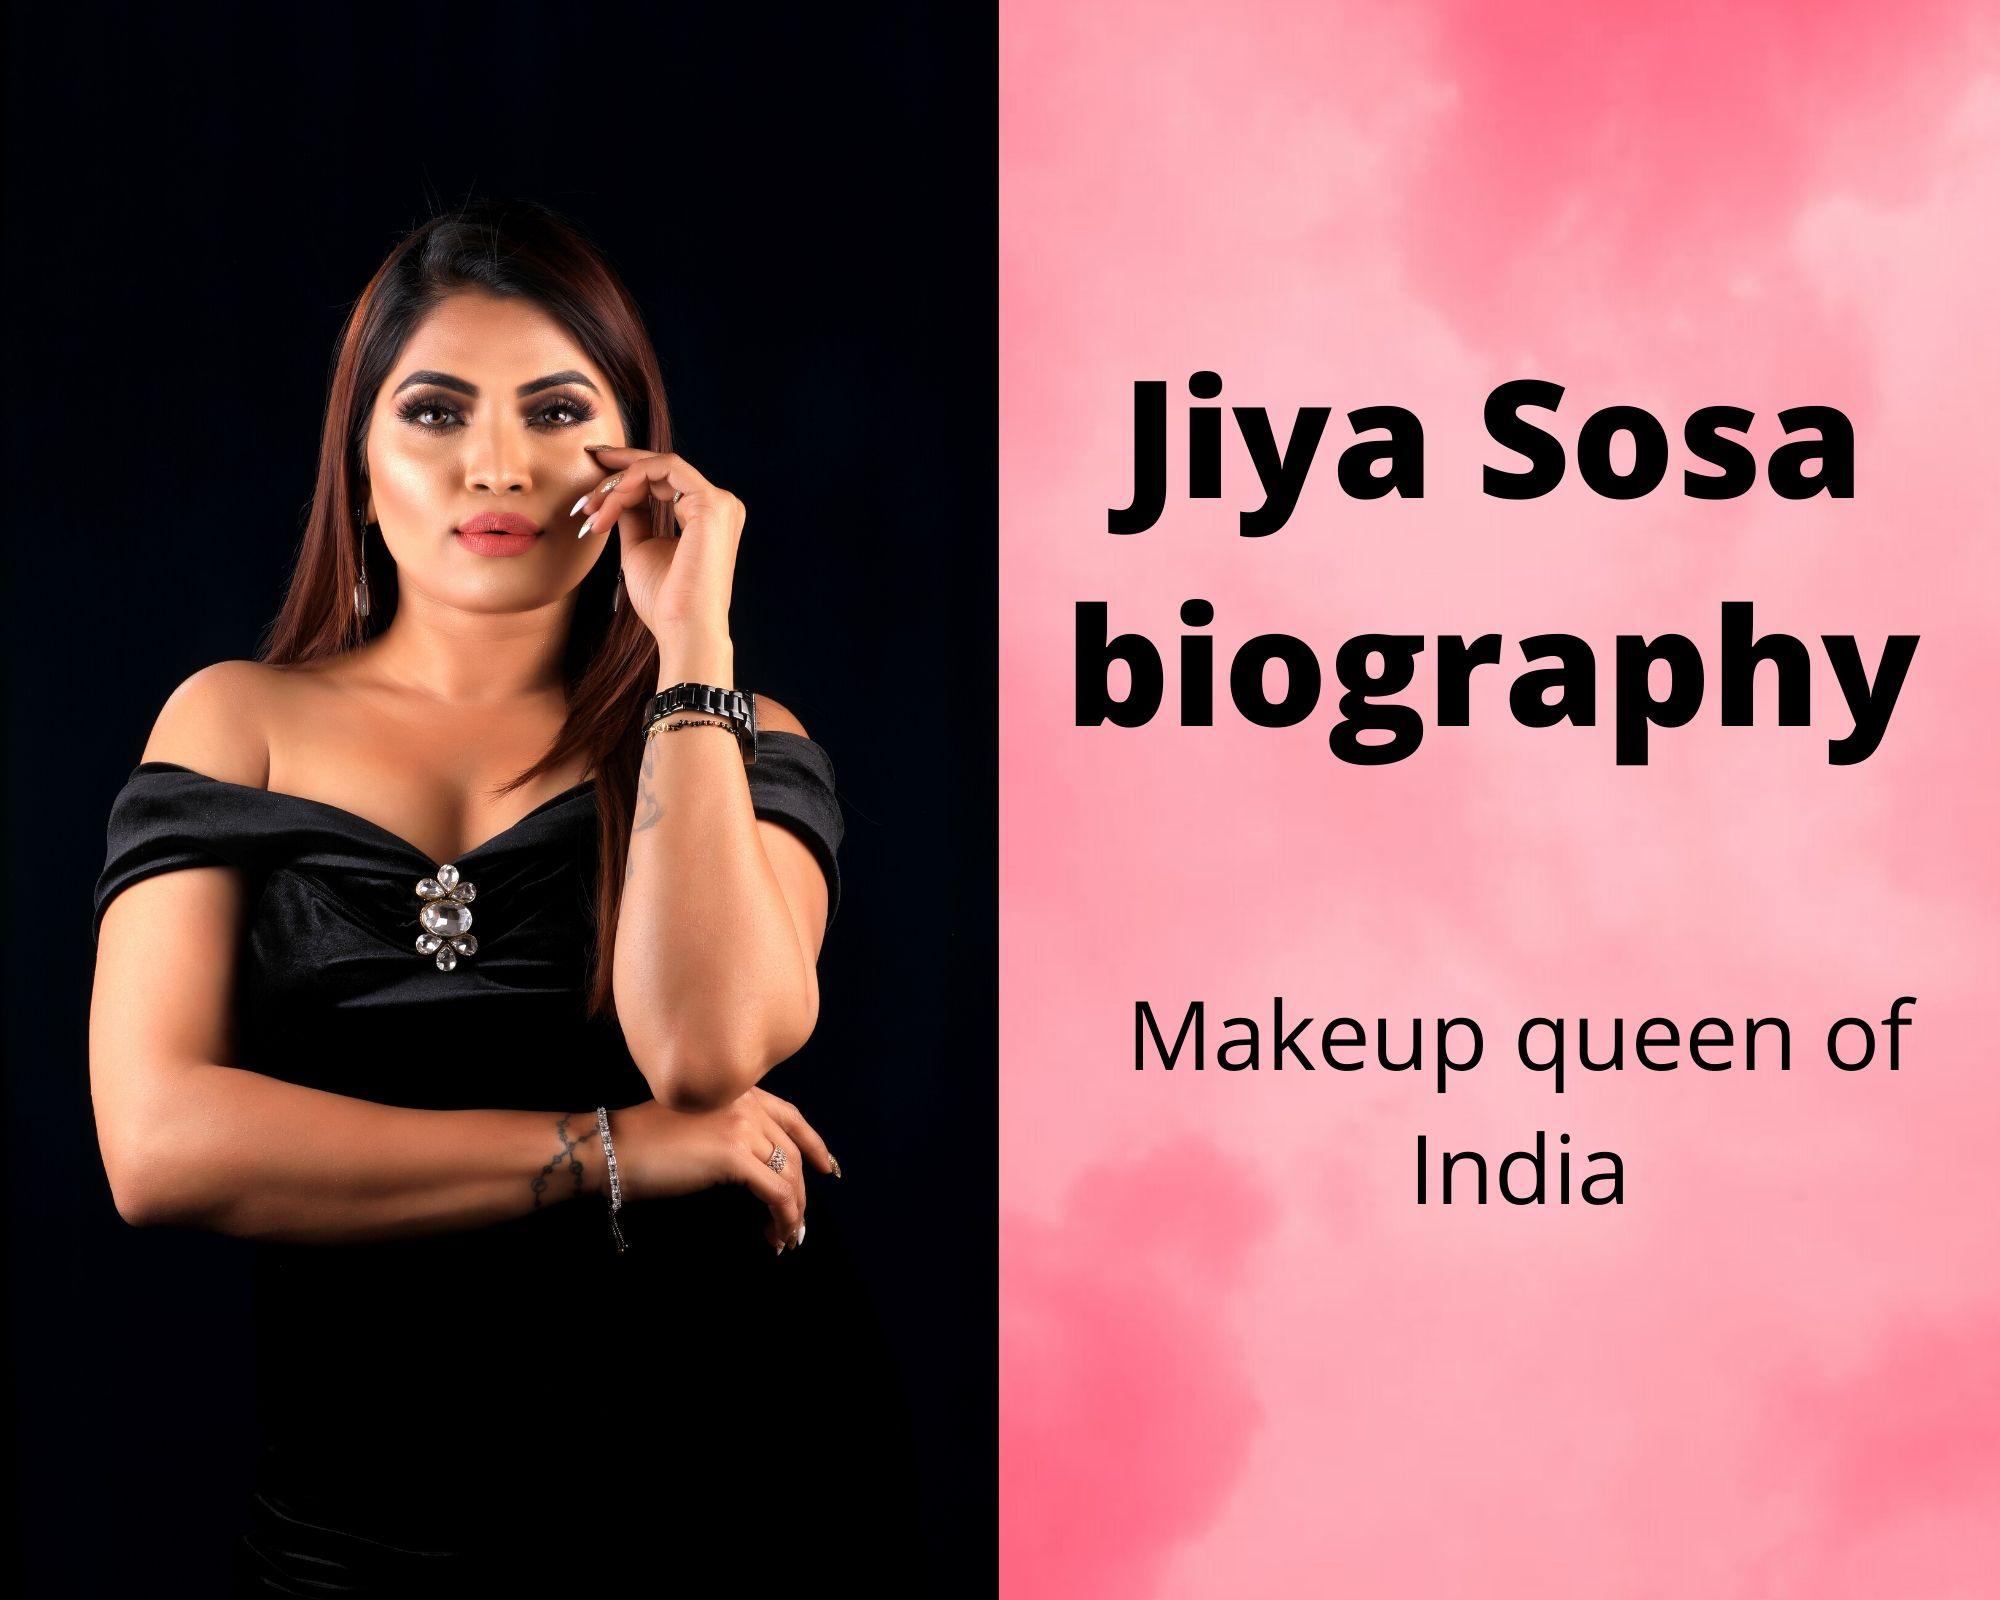 Jiya Sosa biography